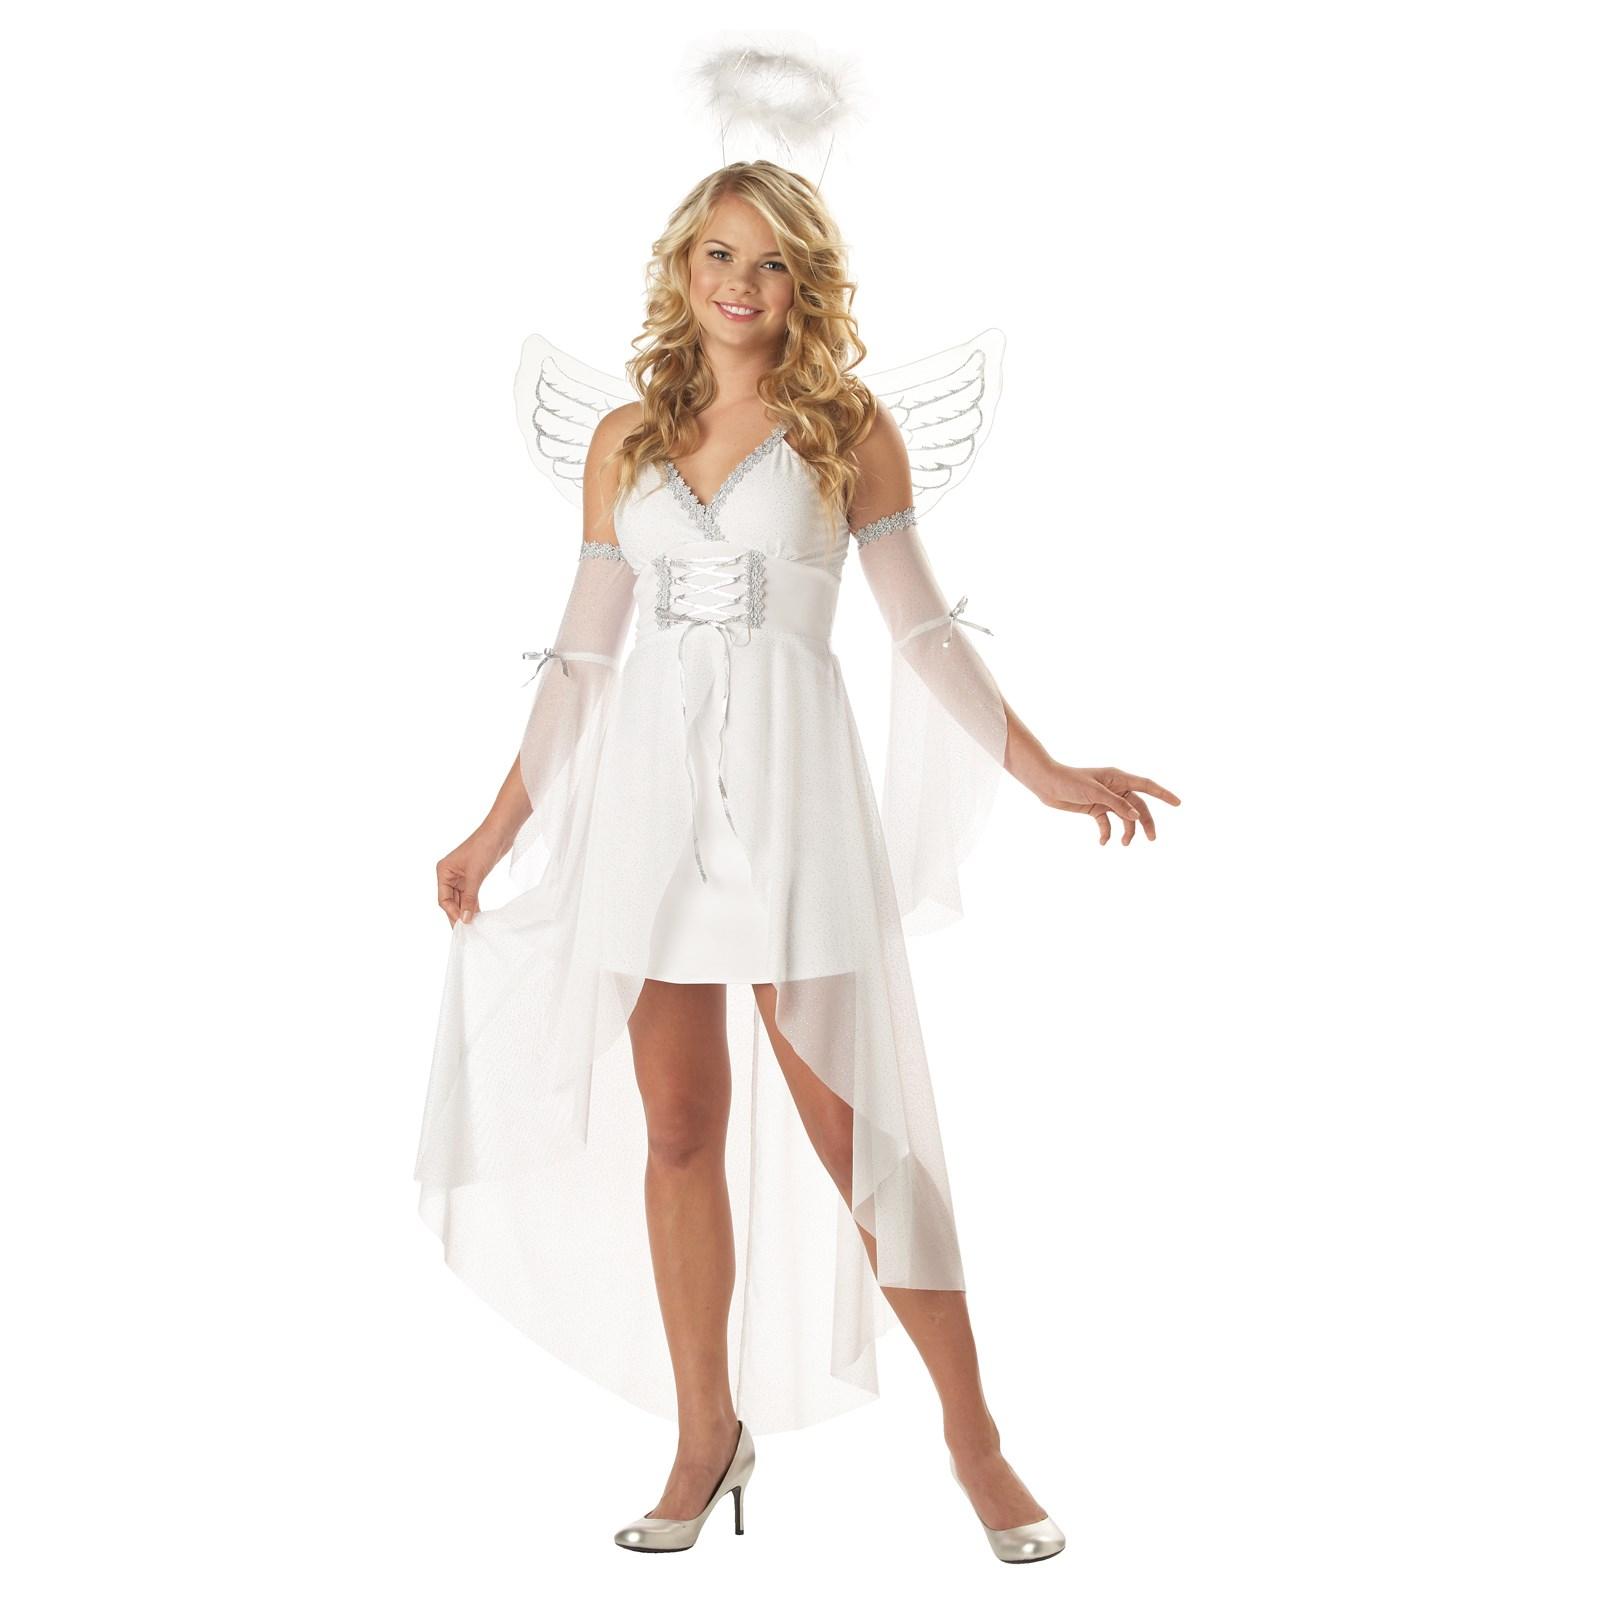 heaven 39 s angel adult costume. Black Bedroom Furniture Sets. Home Design Ideas